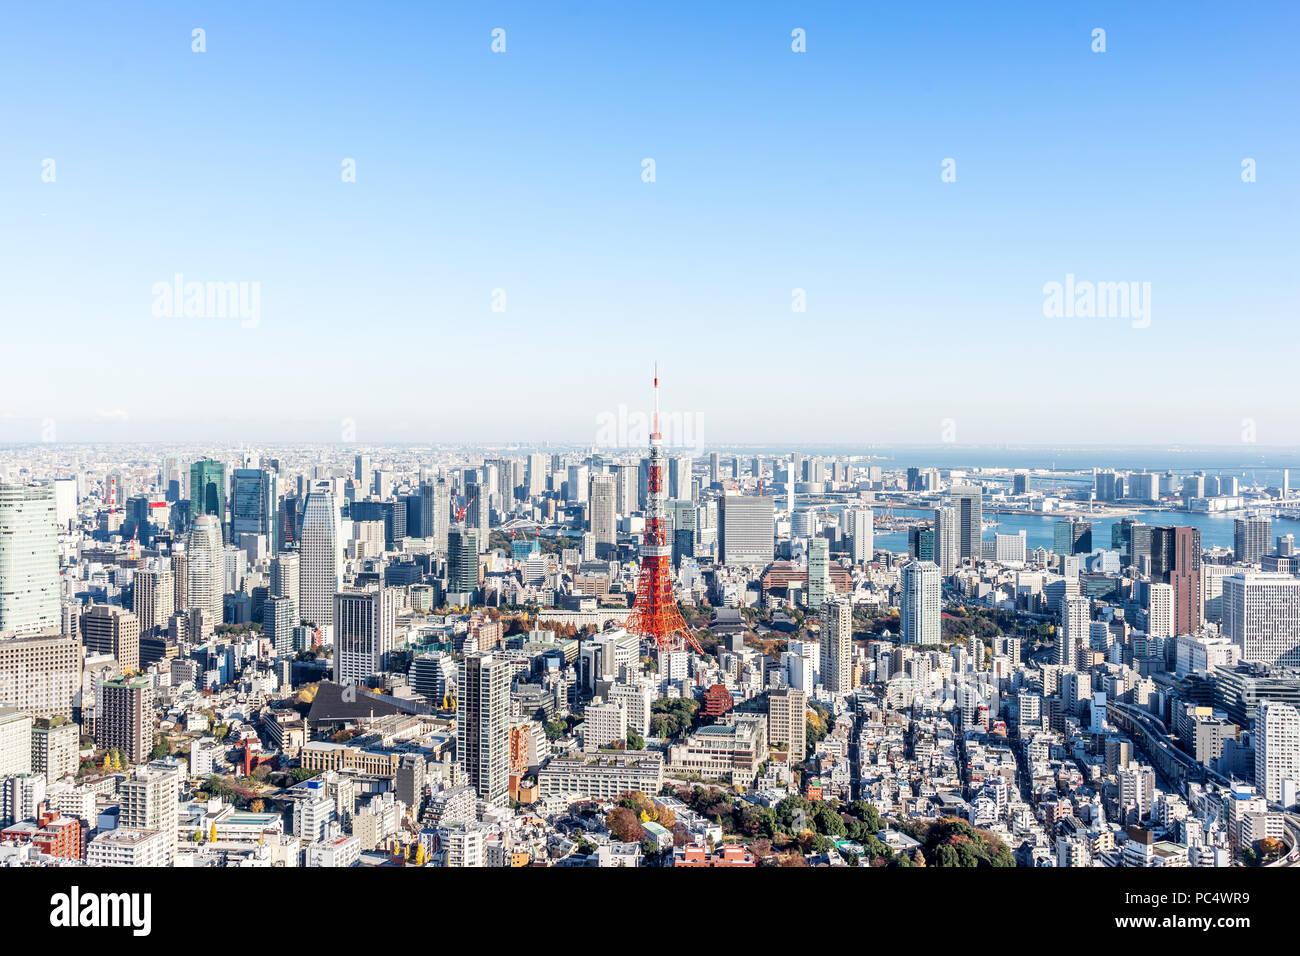 Concept d'affaires de l'Asie de l'immobilier et de la construction - Vue panoramique sur les toits de la ville moderne vue aérienne de l'œil de l'oiseau et de la tour de Tokyo dans le cadre d'Odaiba Photo Stock